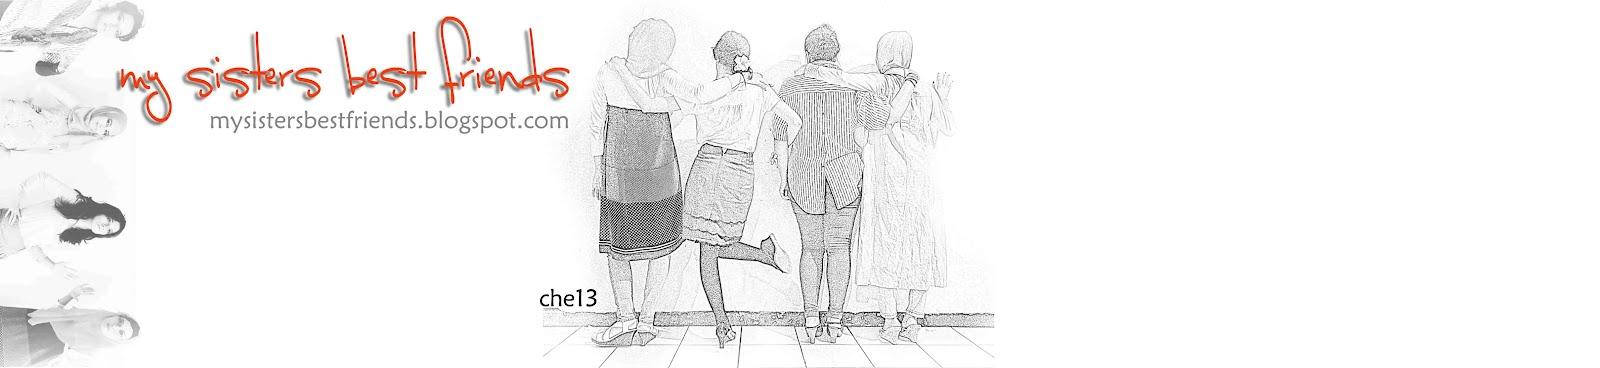 ^o^ mysistersbestfriends ^o^